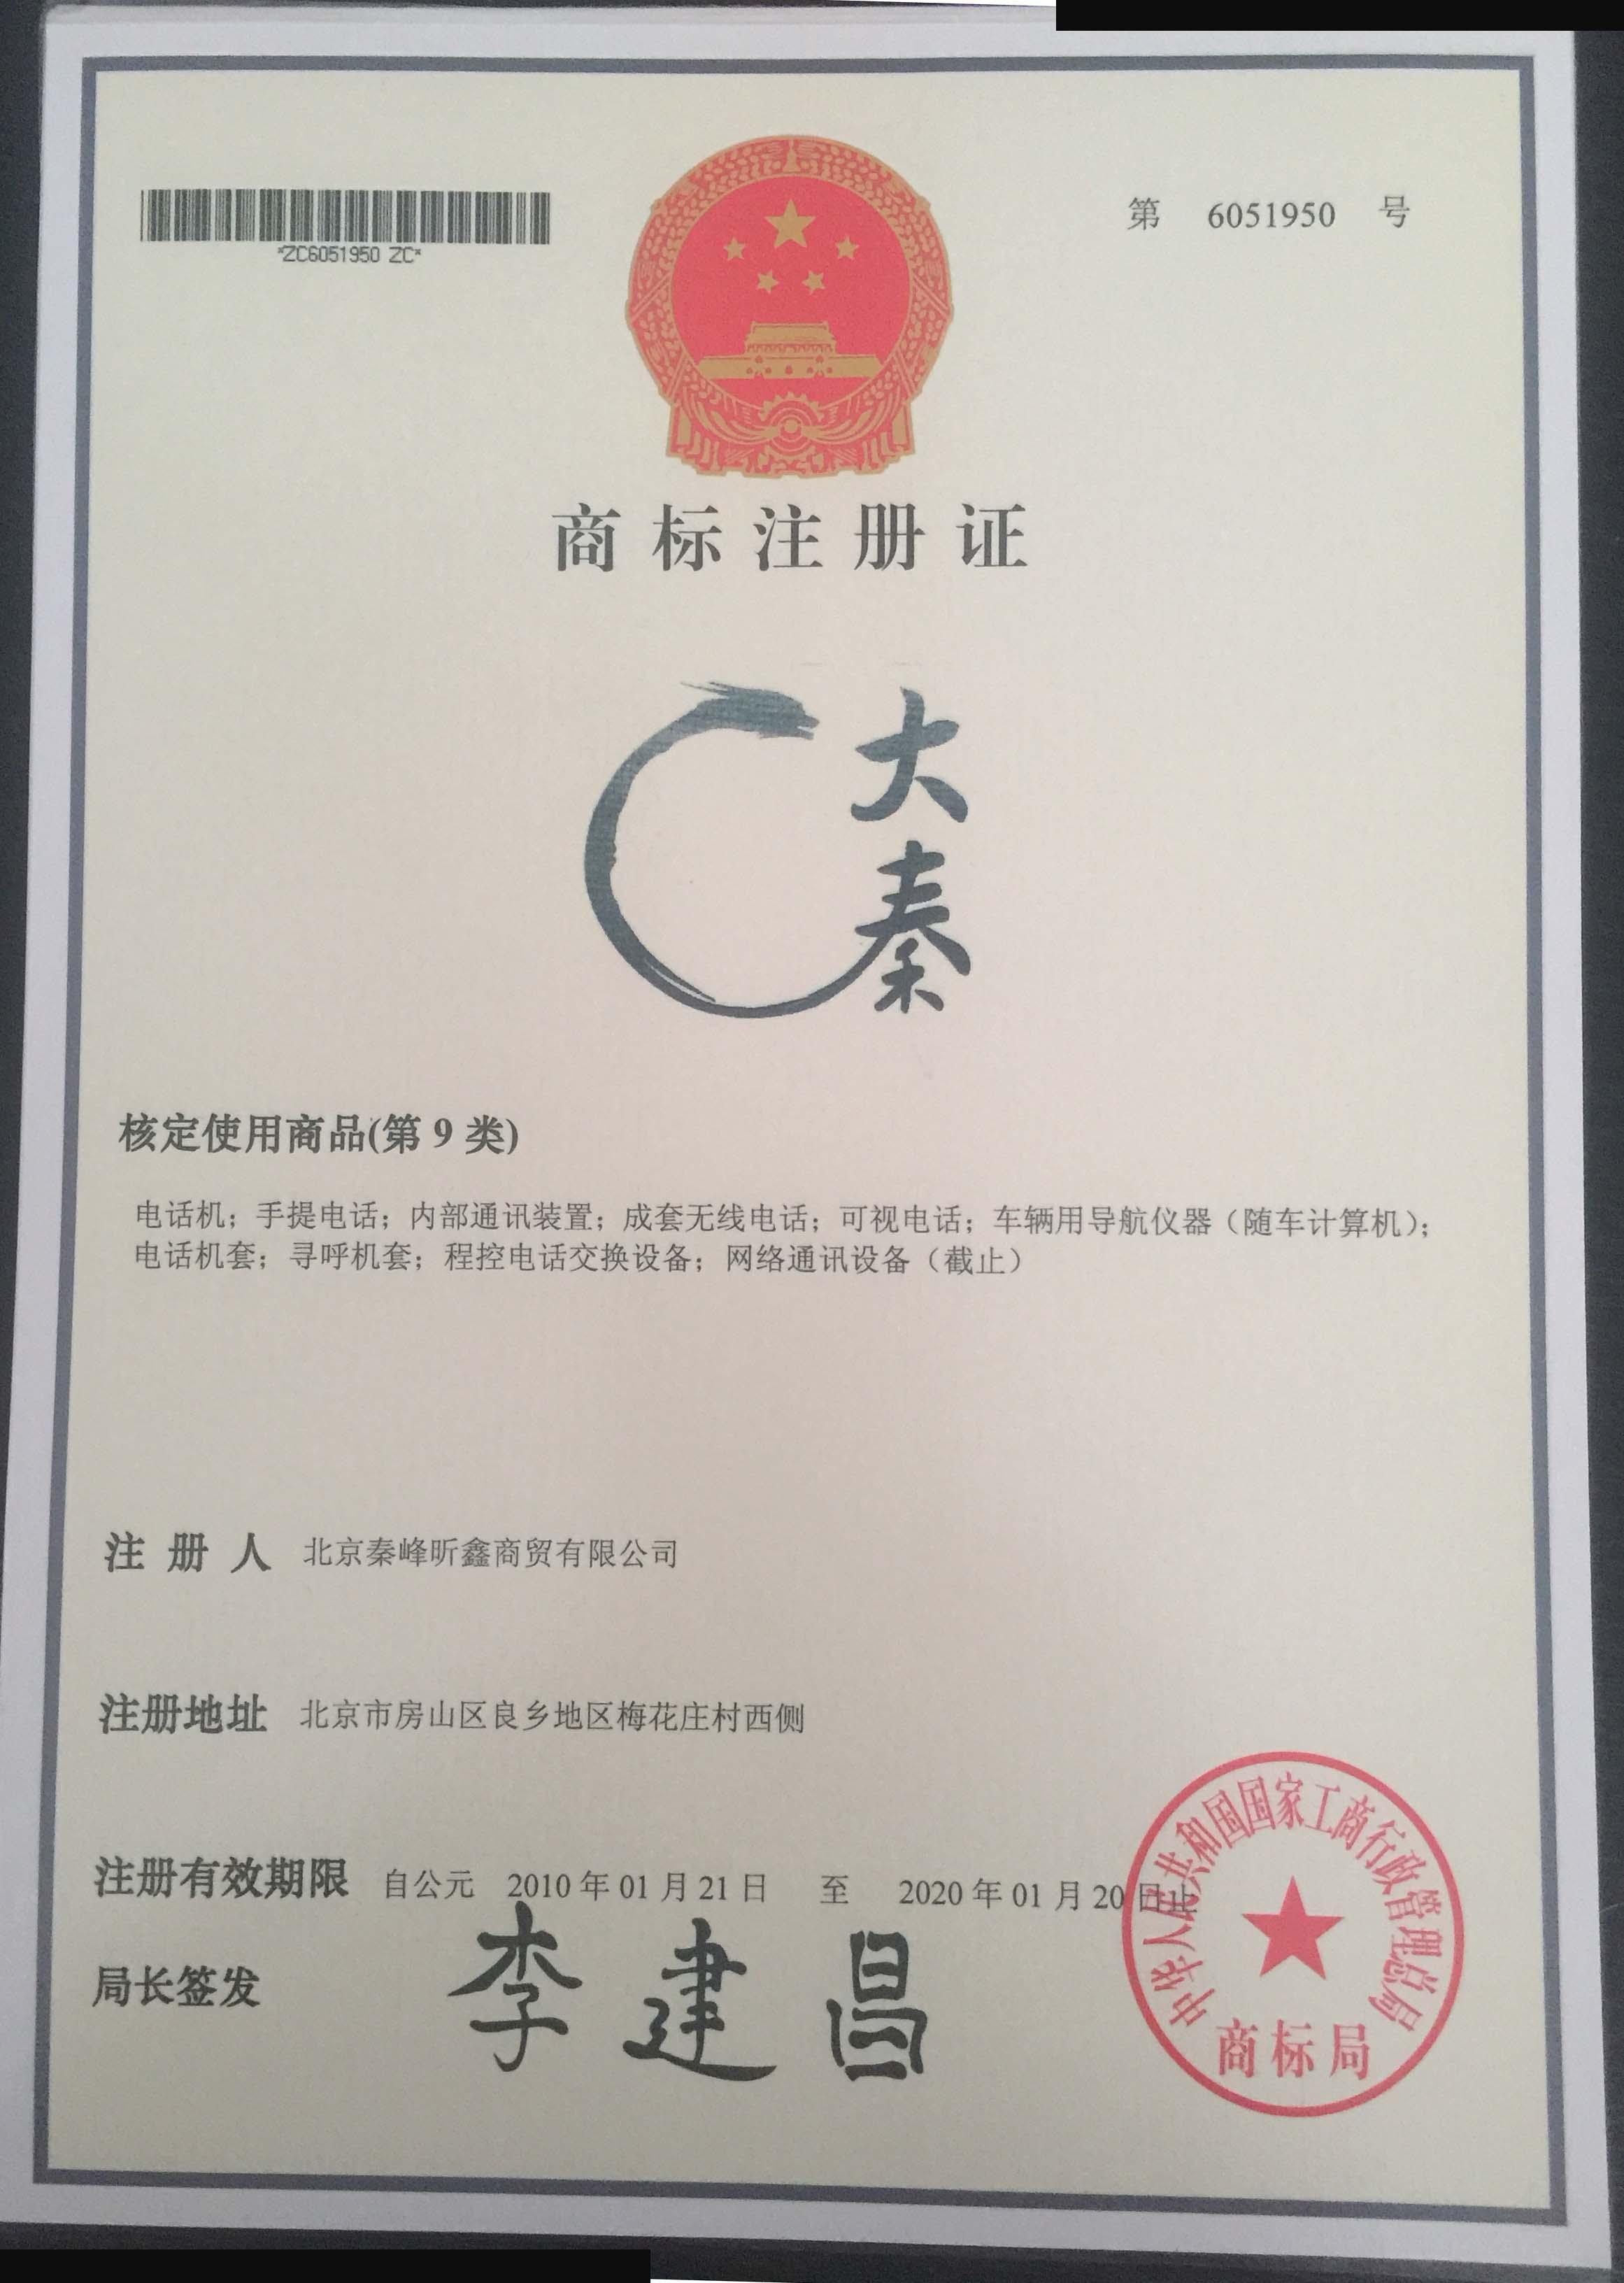 大秦 9类商标注册证